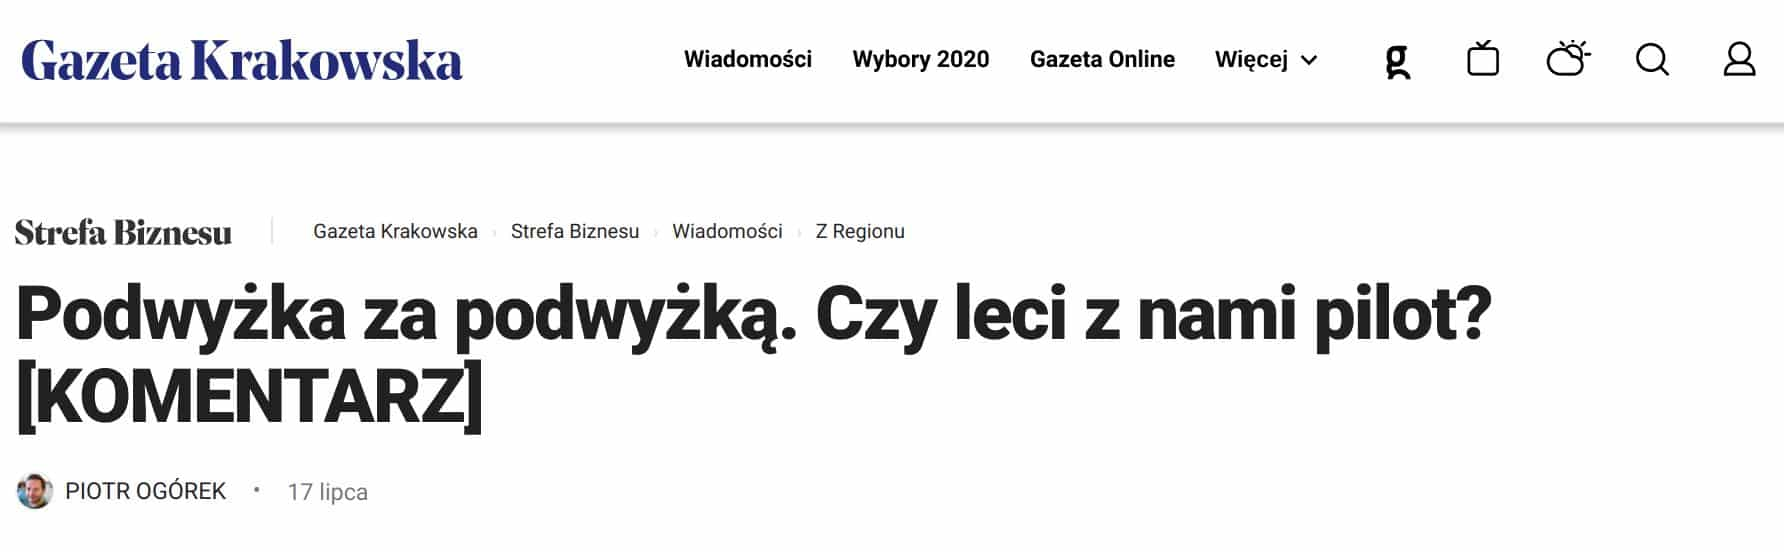 Niespełna trzy miesiące po tym, jak Dawid Serafin zaalarmował, że budżet Krakowa jest w złym stanie,  ogłoszono plany podwyżek.